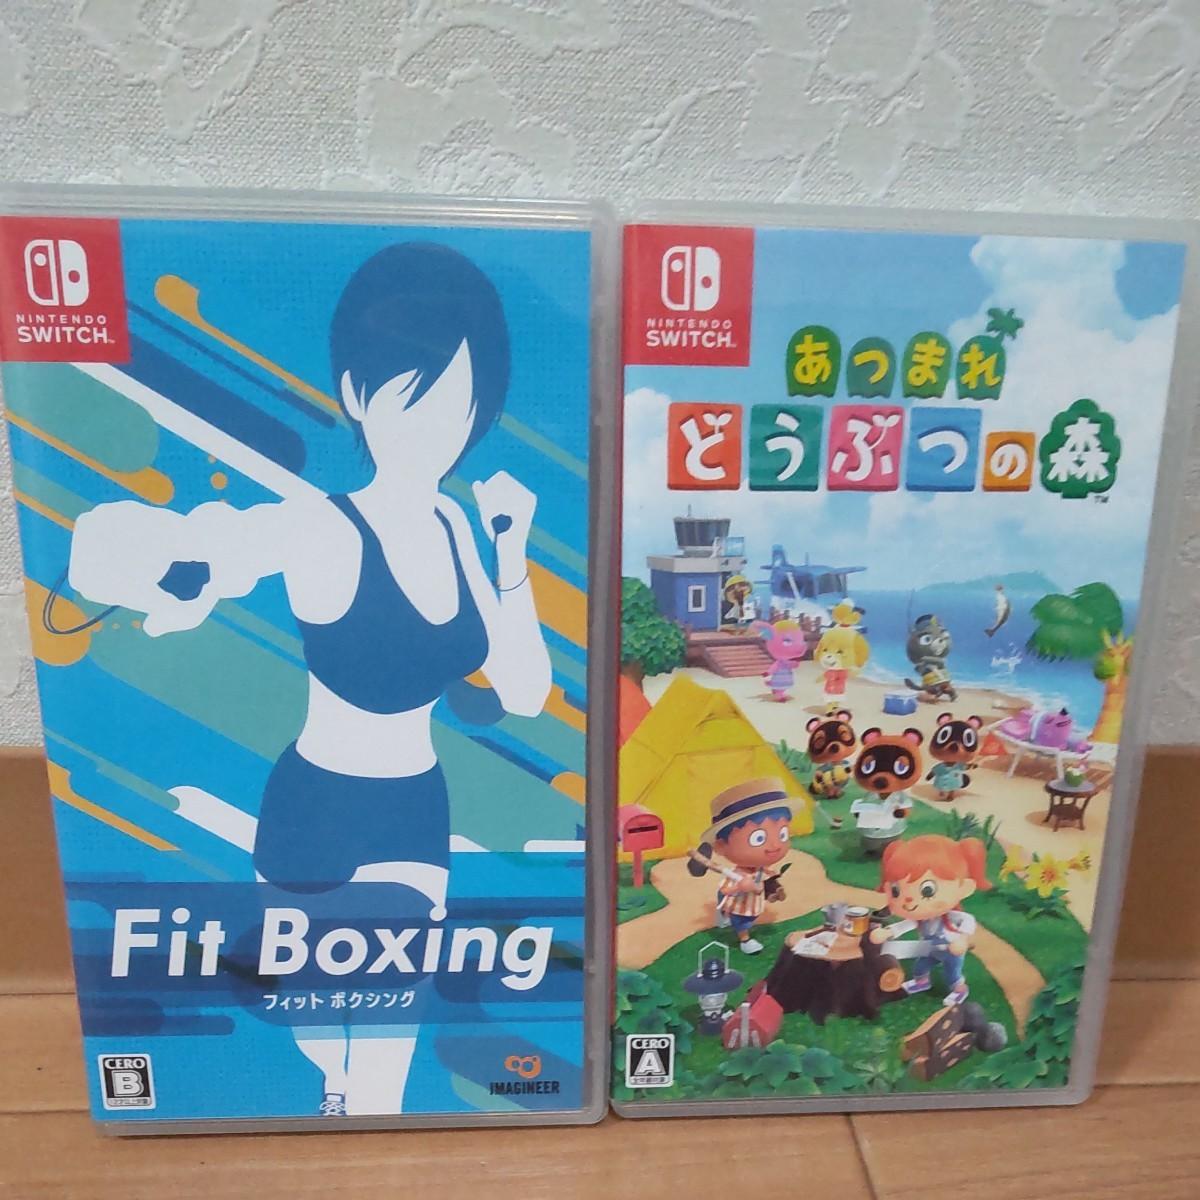 Nintendo Switch フィットボクシングとあつまれどうぶつの森 セット